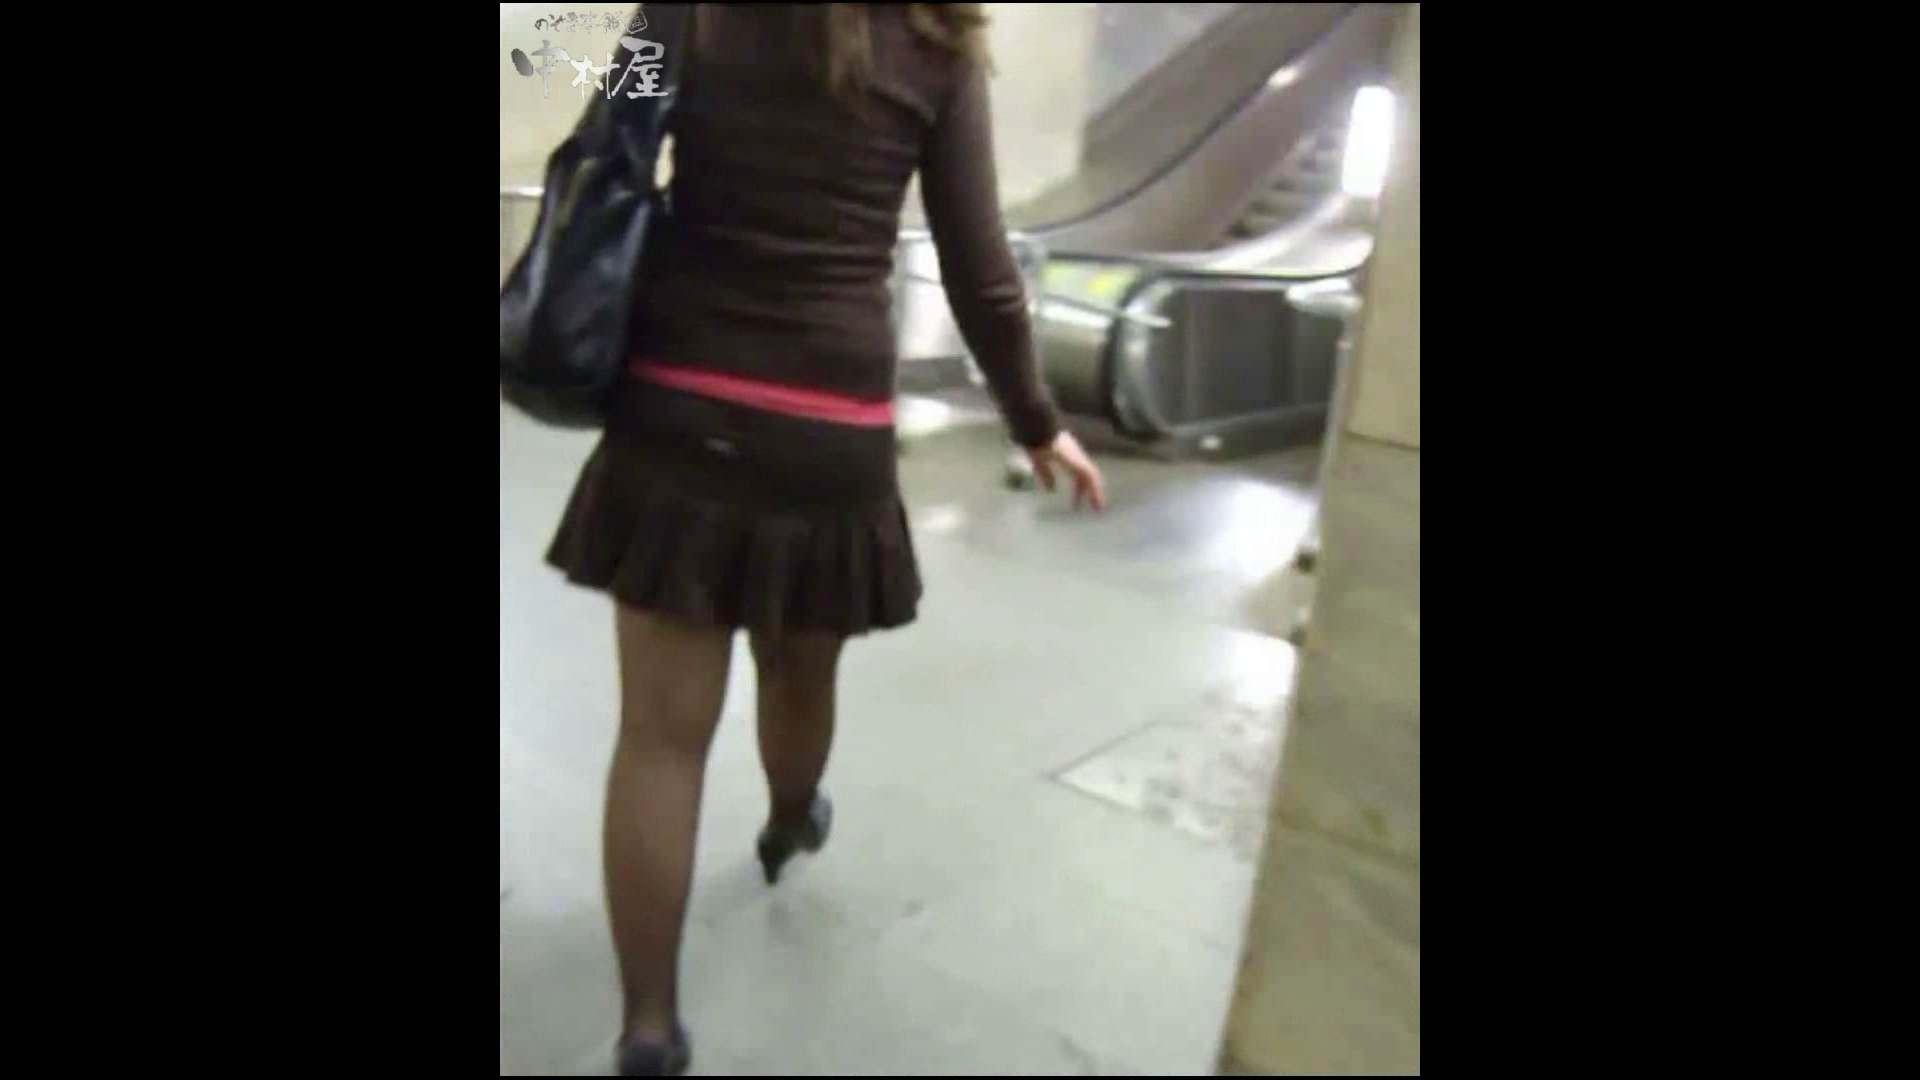 綺麗なモデルさんのスカート捲っちゃおう‼ vol11 OLエロ画像 | お姉さん  61PICs 39